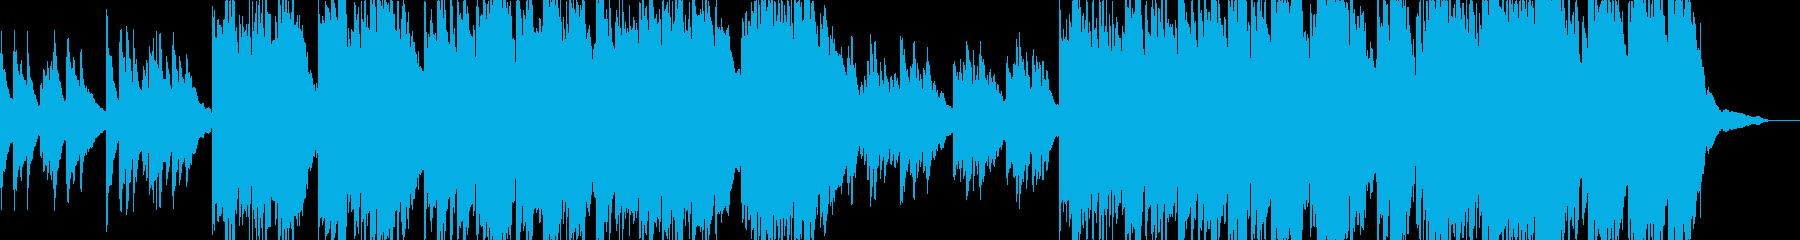 動画17 90年代ピアノソロ・TK? の再生済みの波形